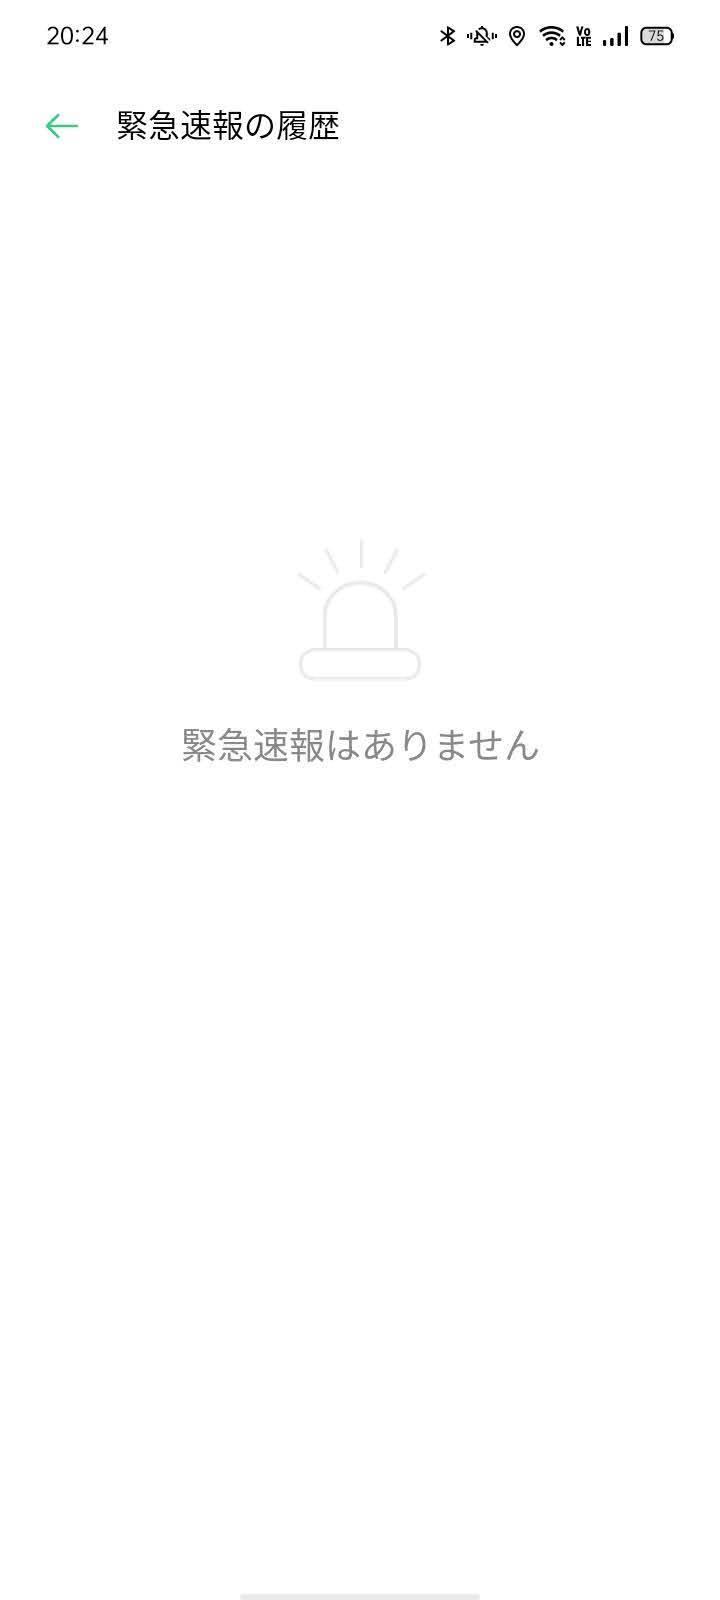 f:id:Azusa_Hirano:20200907204439j:plain